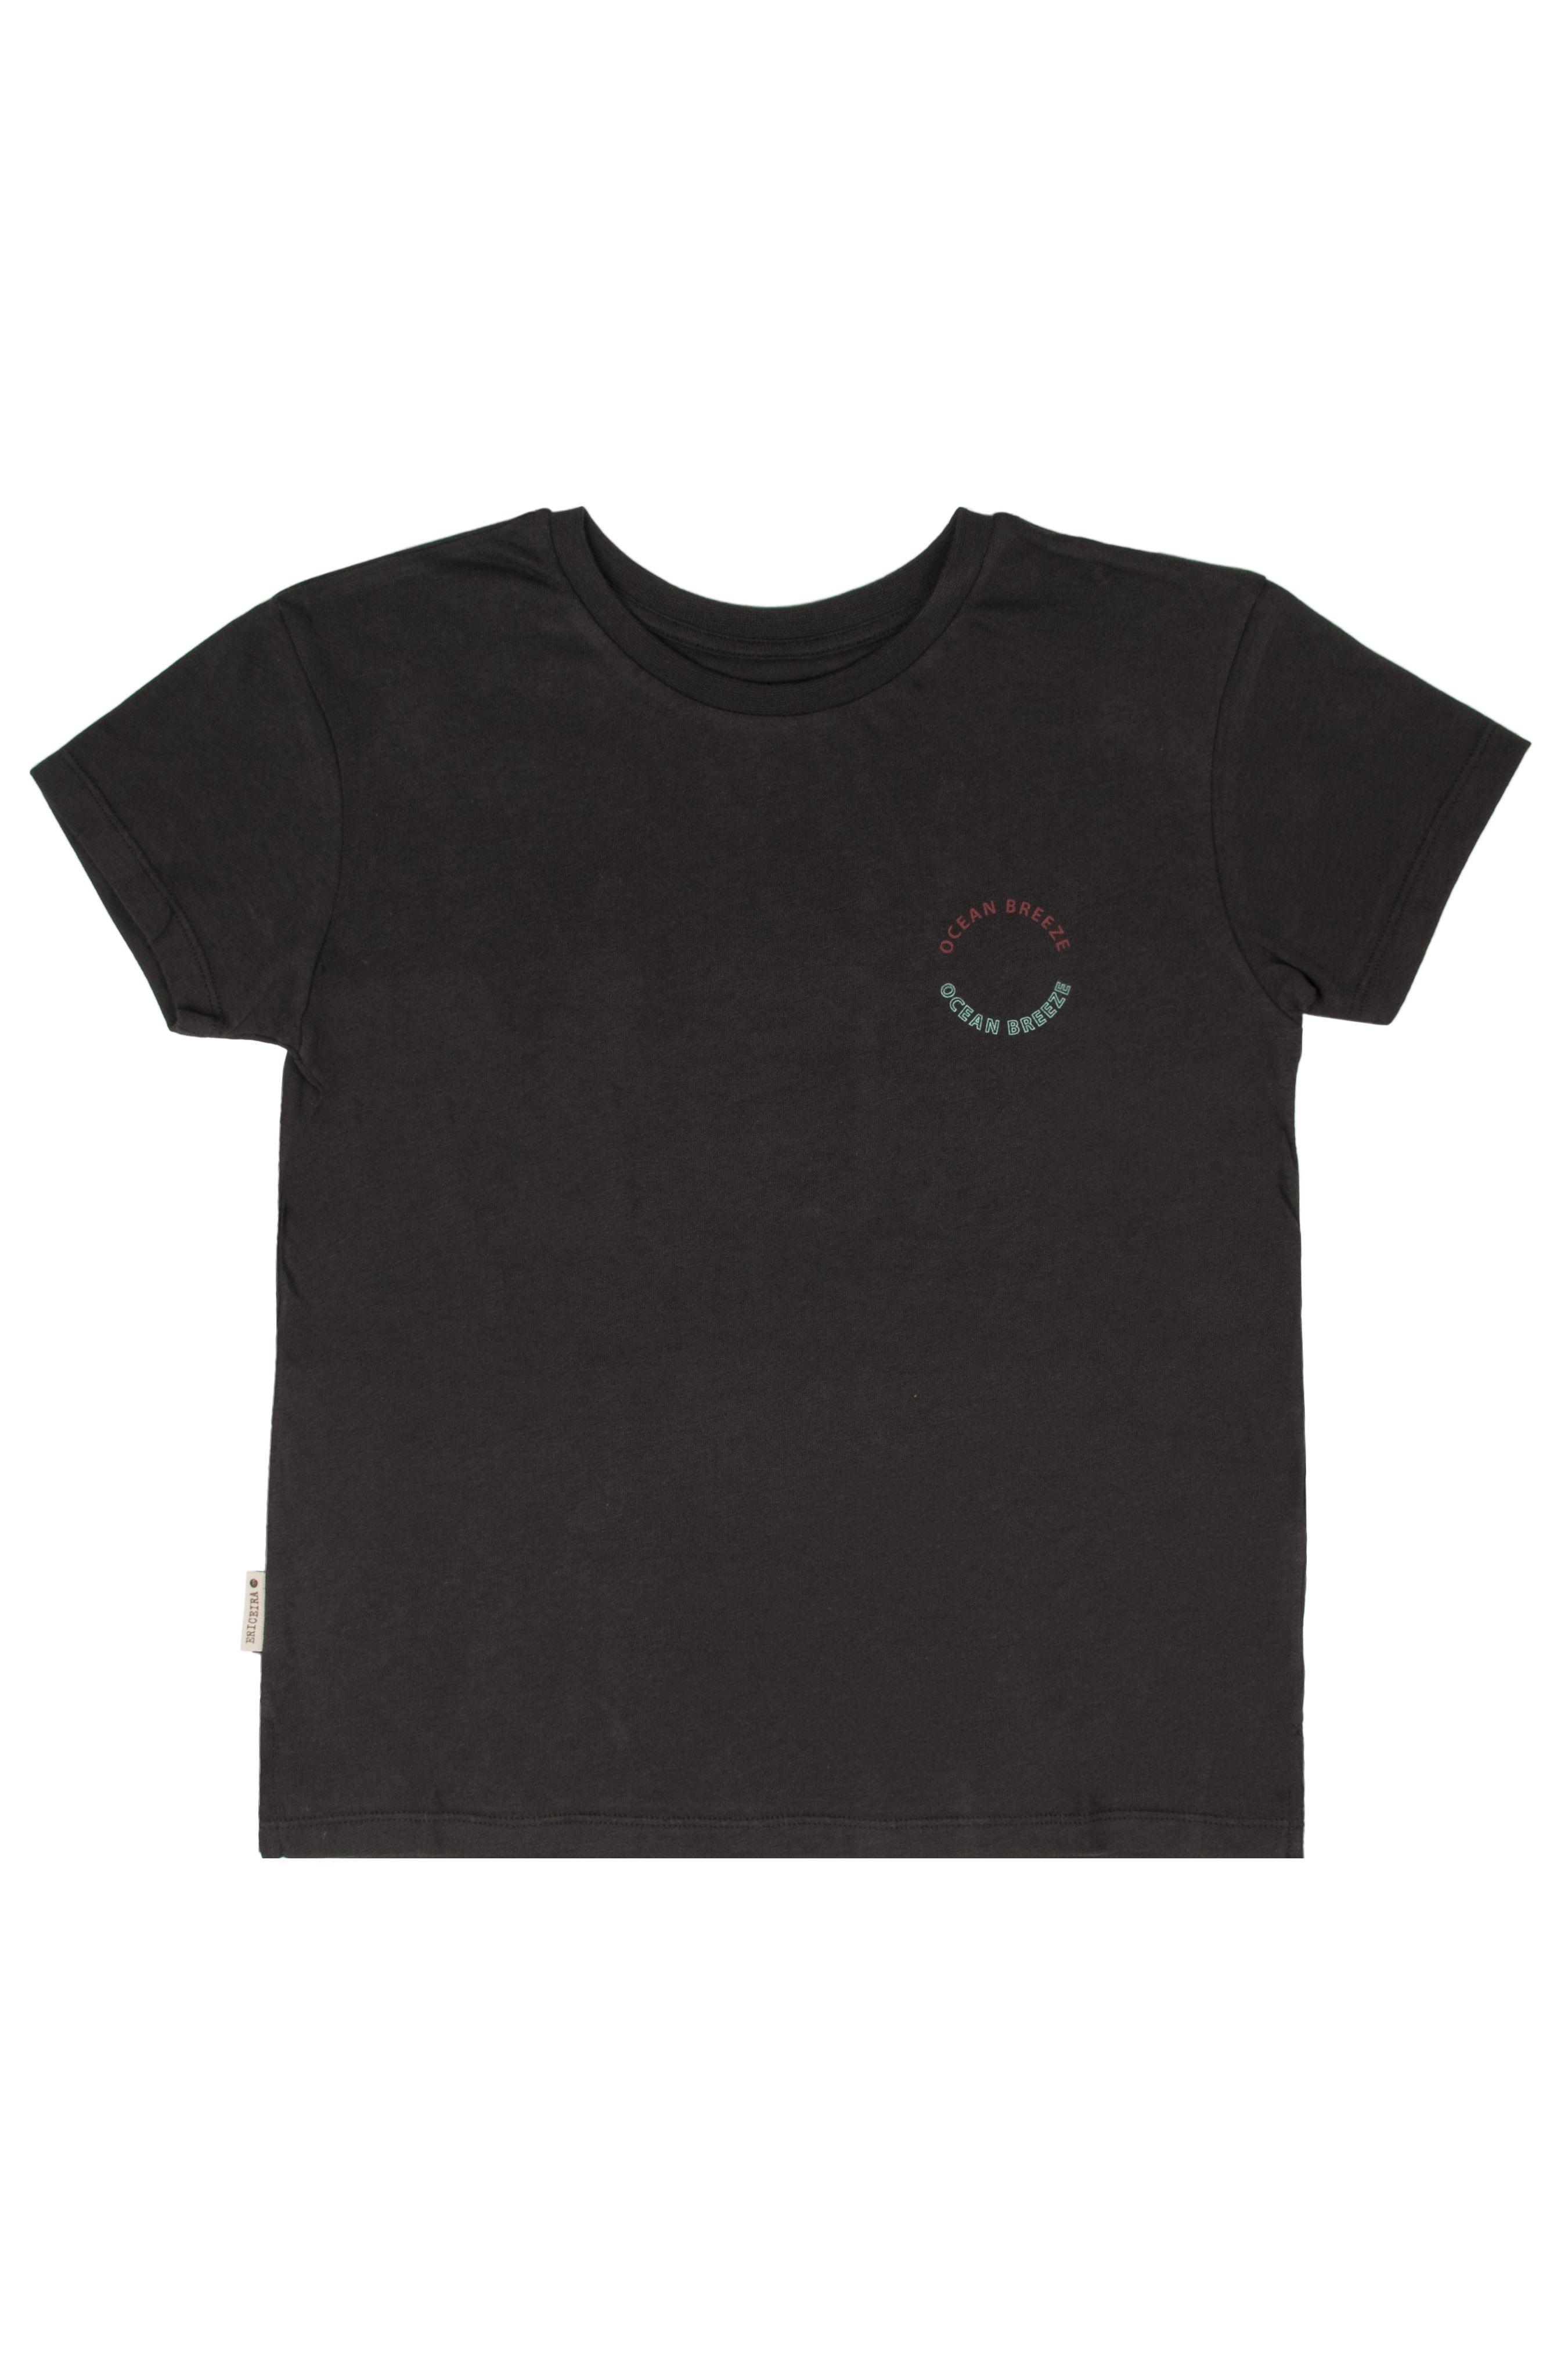 T-Shirt Ericeira Surf Skate OCEAN BREEZE Charcoal